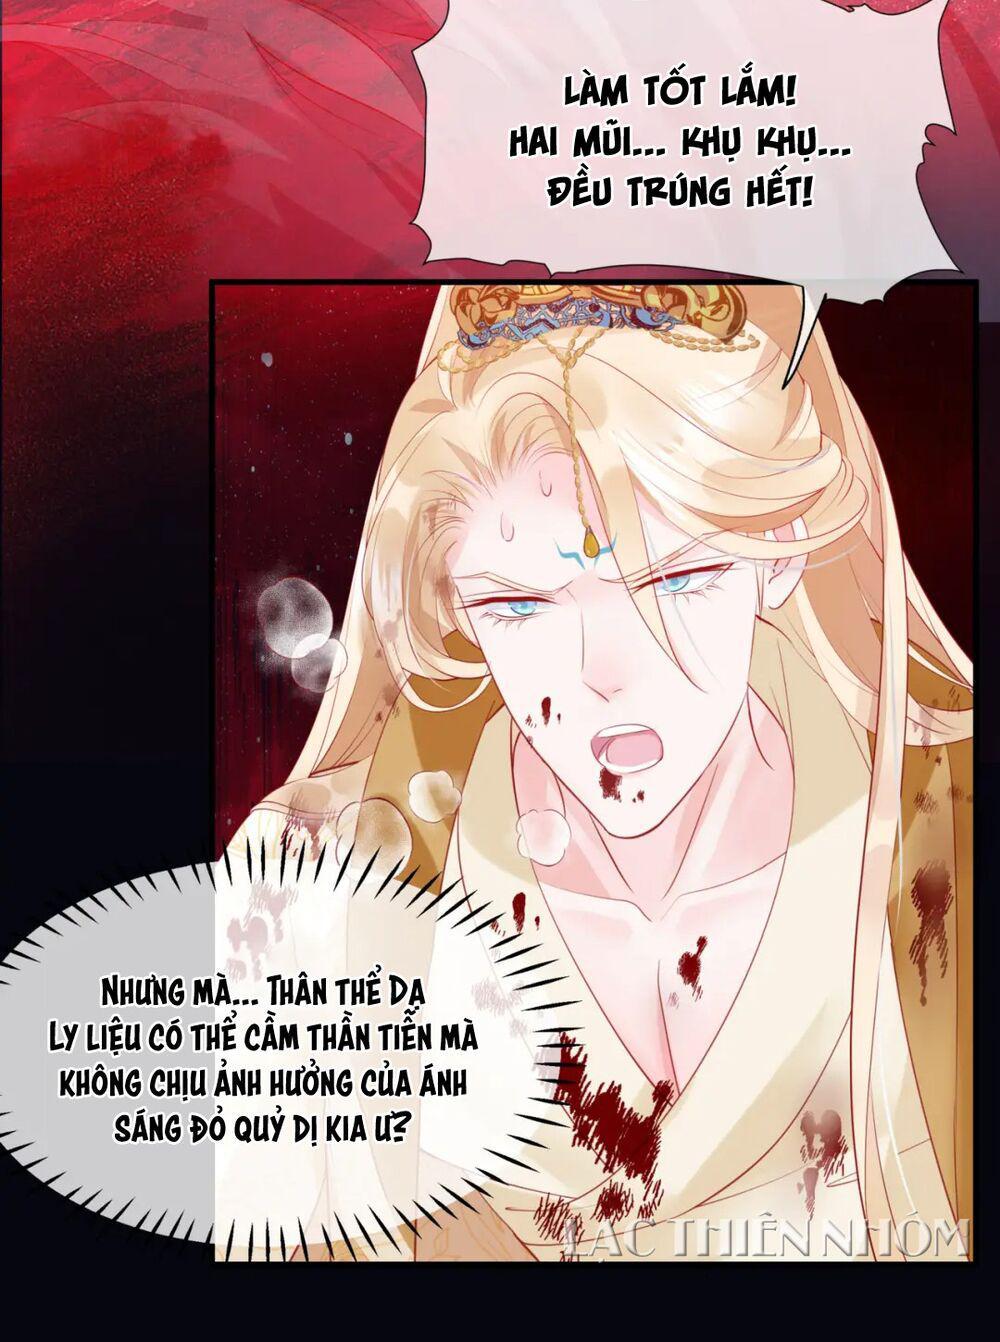 Ma Tôn Muốn Ôm Ôm: Chapter 79